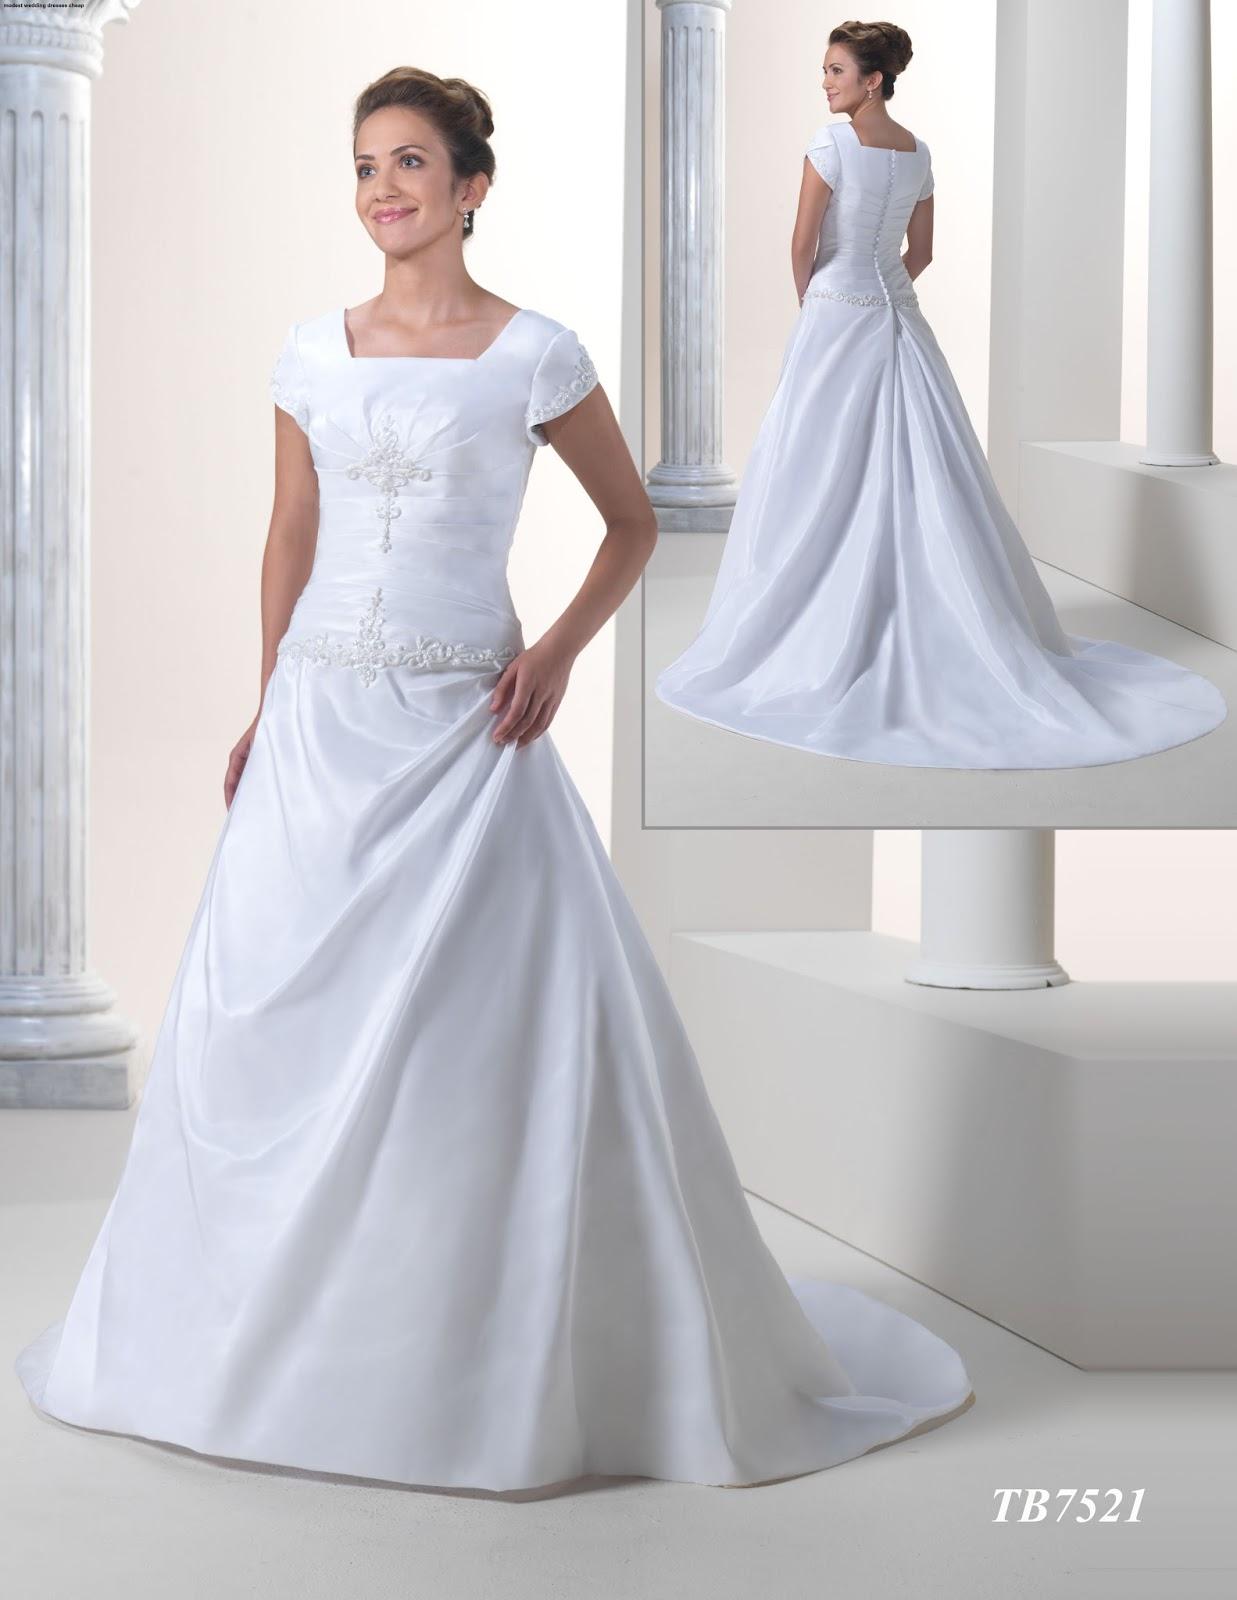 Modest Wedding Dresses Cheap